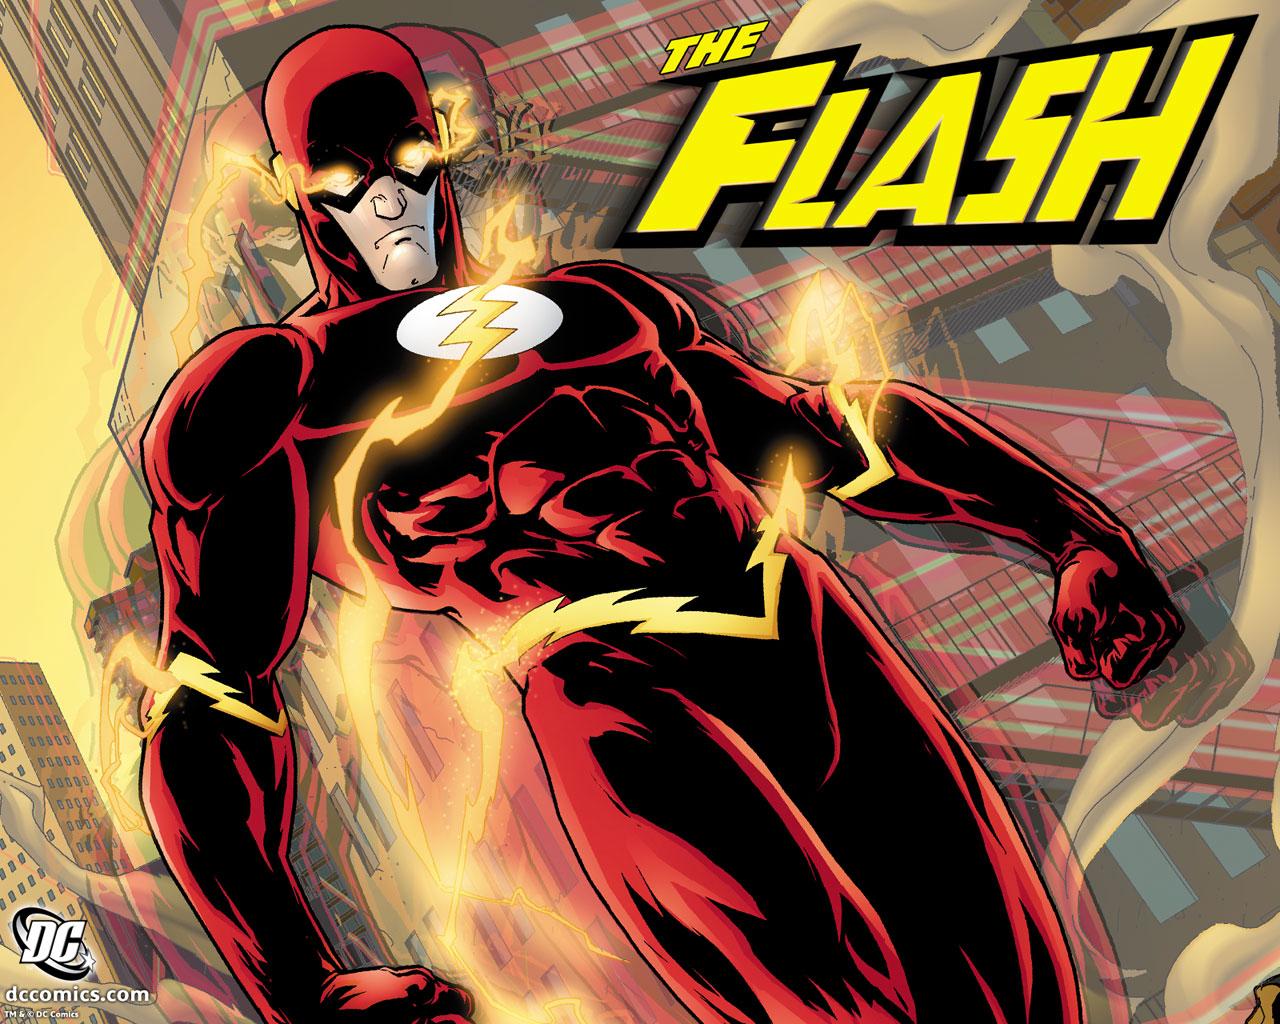 Comics Wallpapers DC Comics Flash Wallpapers Flash Comics Wallpaper 1280x1024